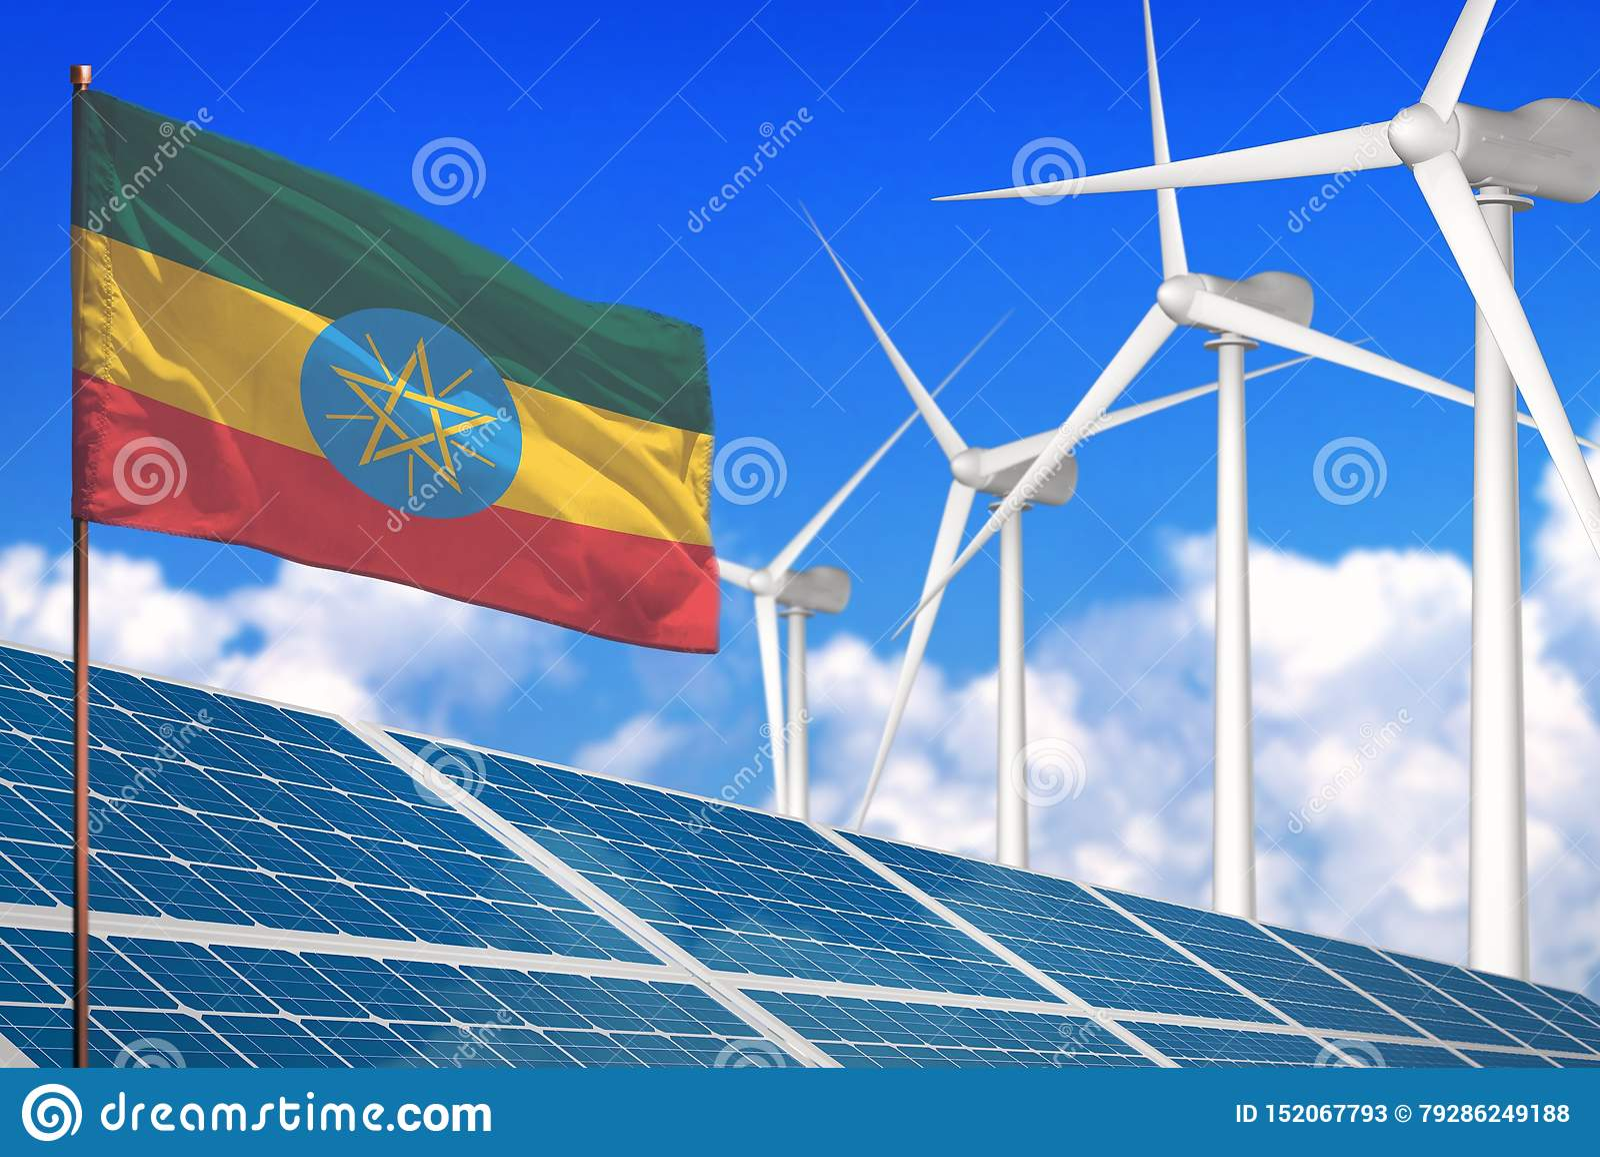 Αιθιοπία ηλιακή και αιολική ενέργεια, έννοια ανανεώσιμης ενέργειας με τα ηλιακά πλαίσια - ανανεώσιμη ενέργεια ενάντια στην παγκόσ